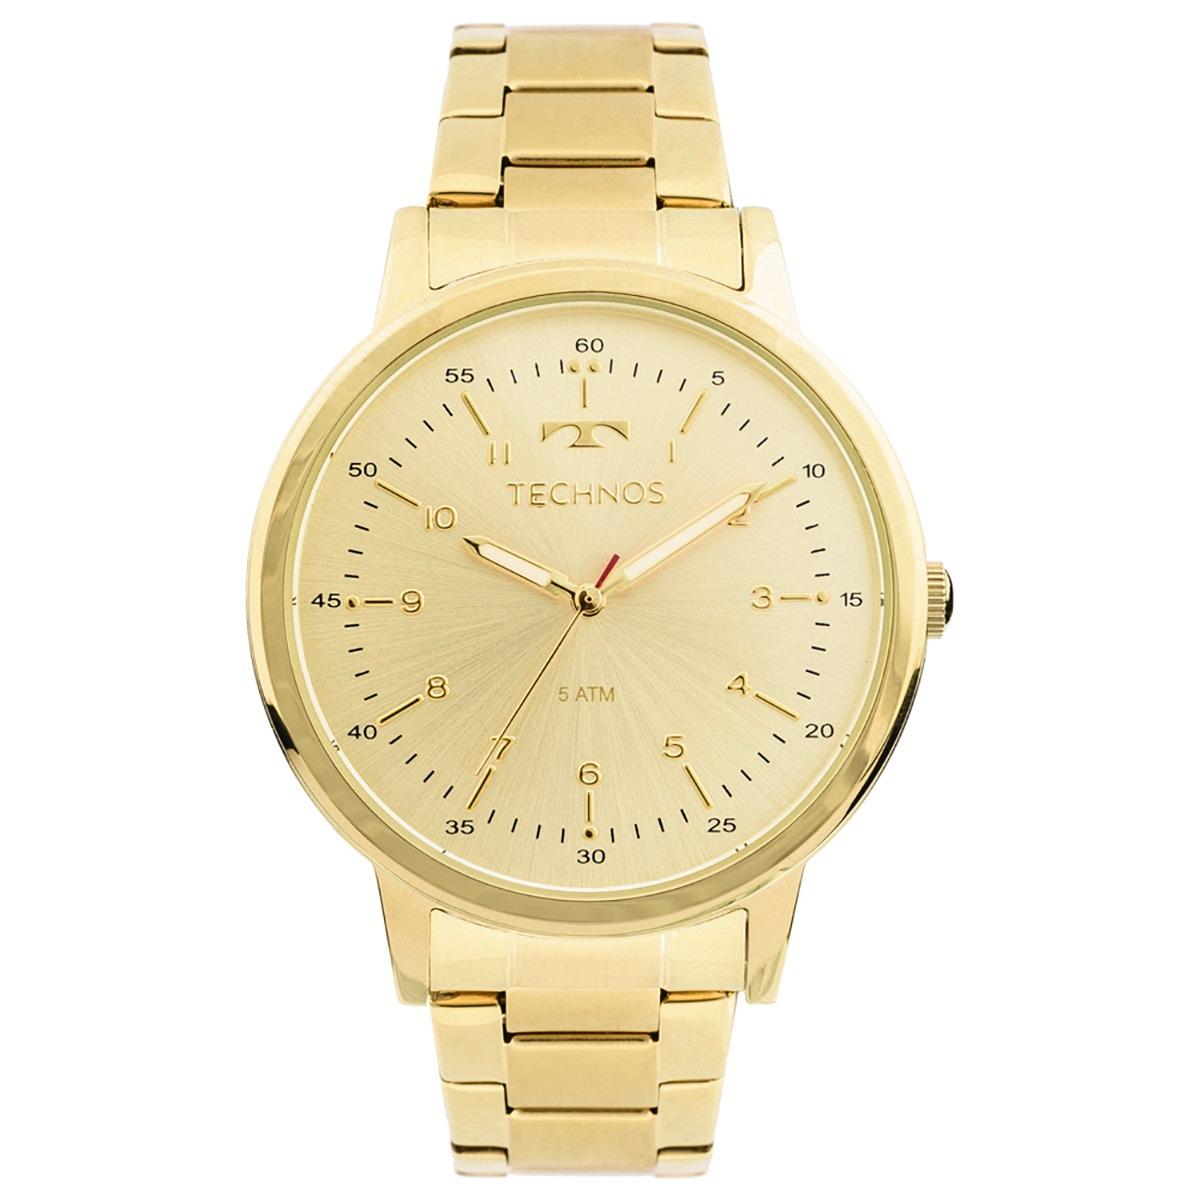 939c71e46671f relógio technos feminino elegance dress 2035mfn 4d. Carregando zoom.